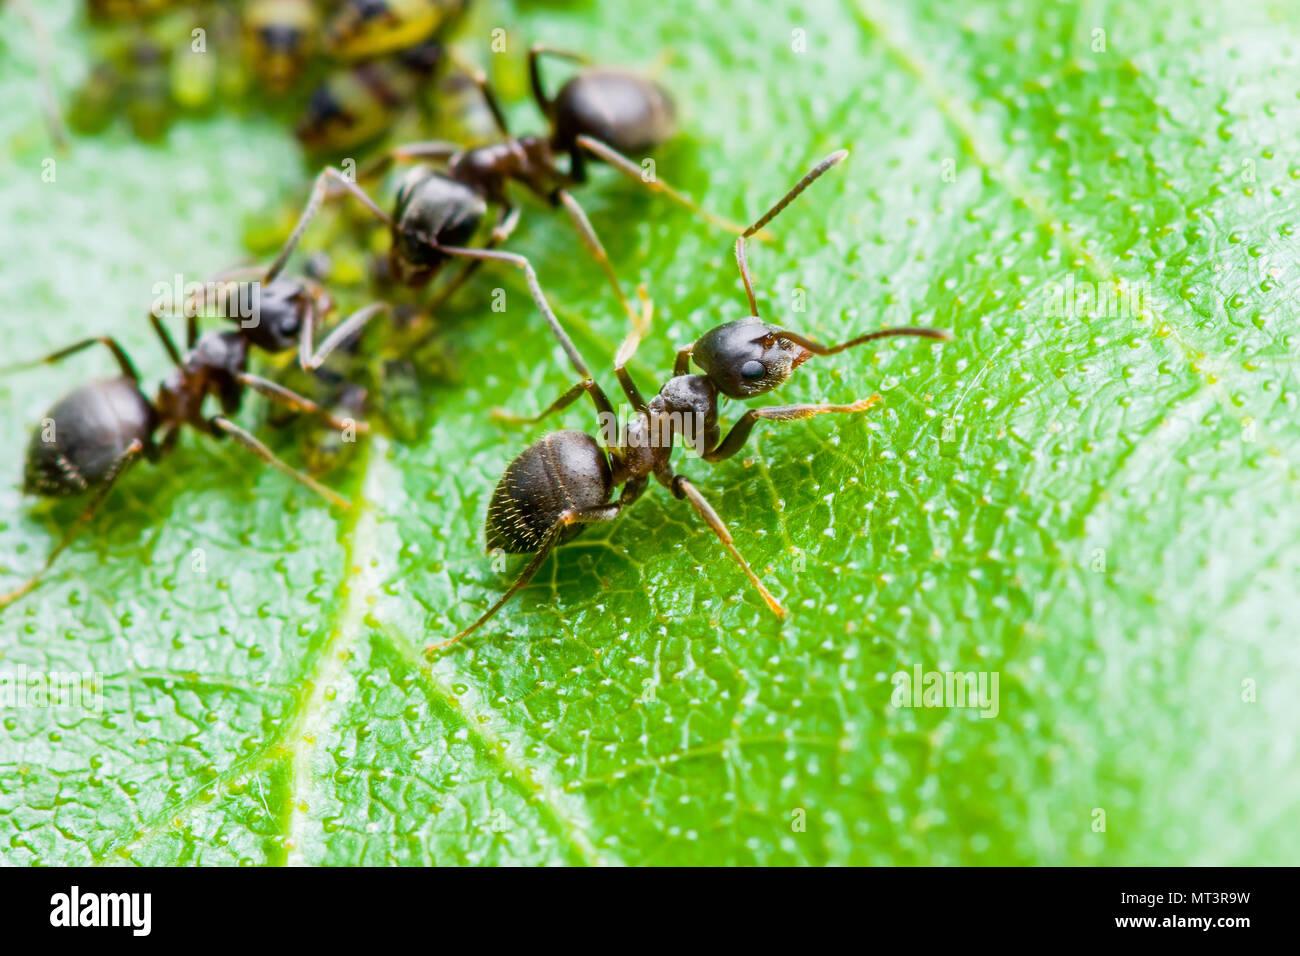 Colonie de pucerons et fourmis sur feuille verte Photo Stock